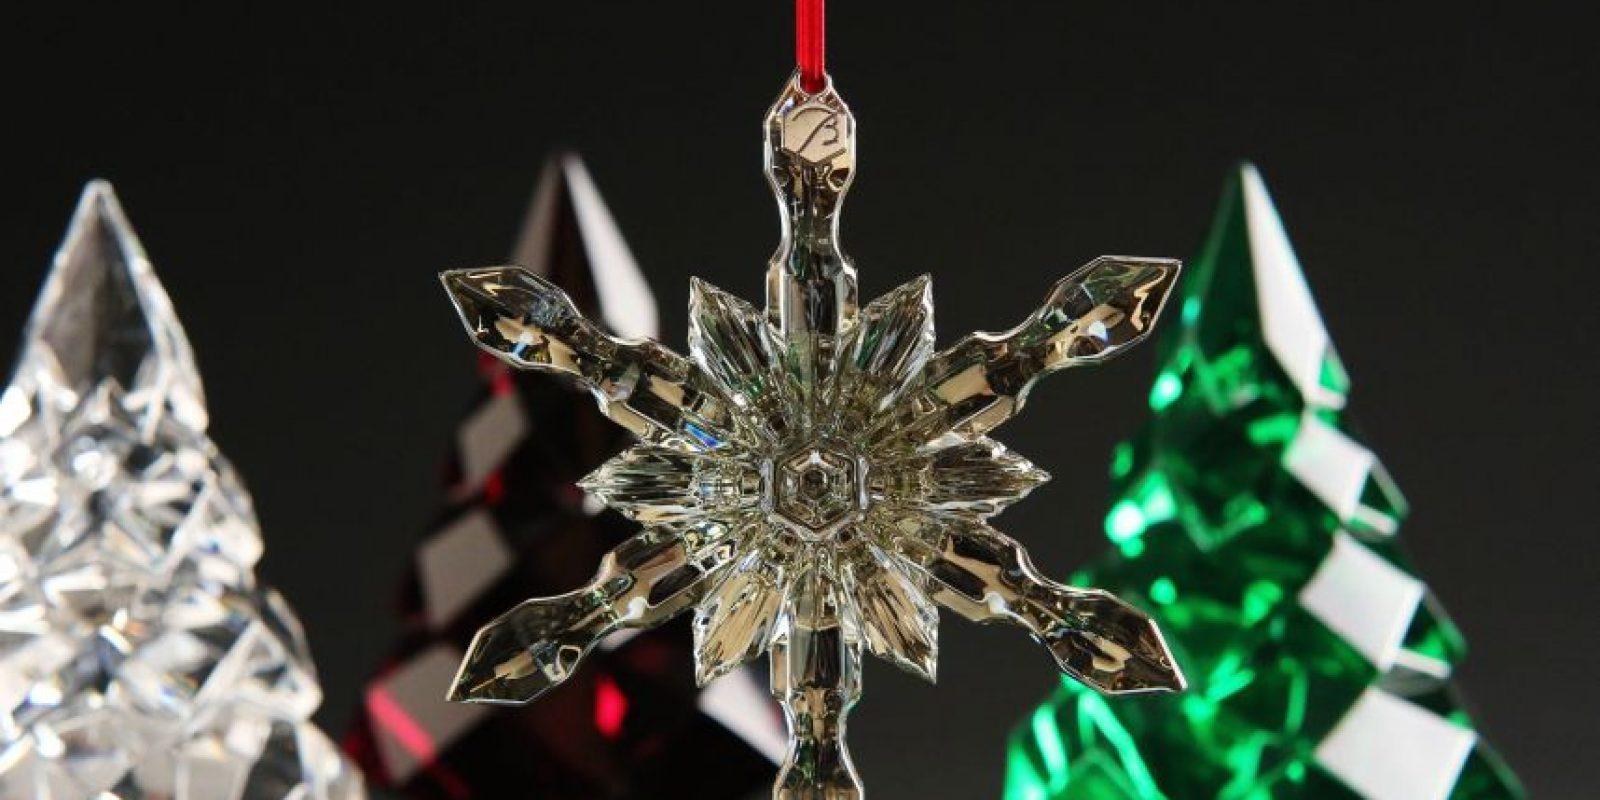 Adornos en cristales. Las transparencias y loscristales son los materiales más utilizados en los elementosdecorativos de Navidad. Foto:FUENTE EXTERNA